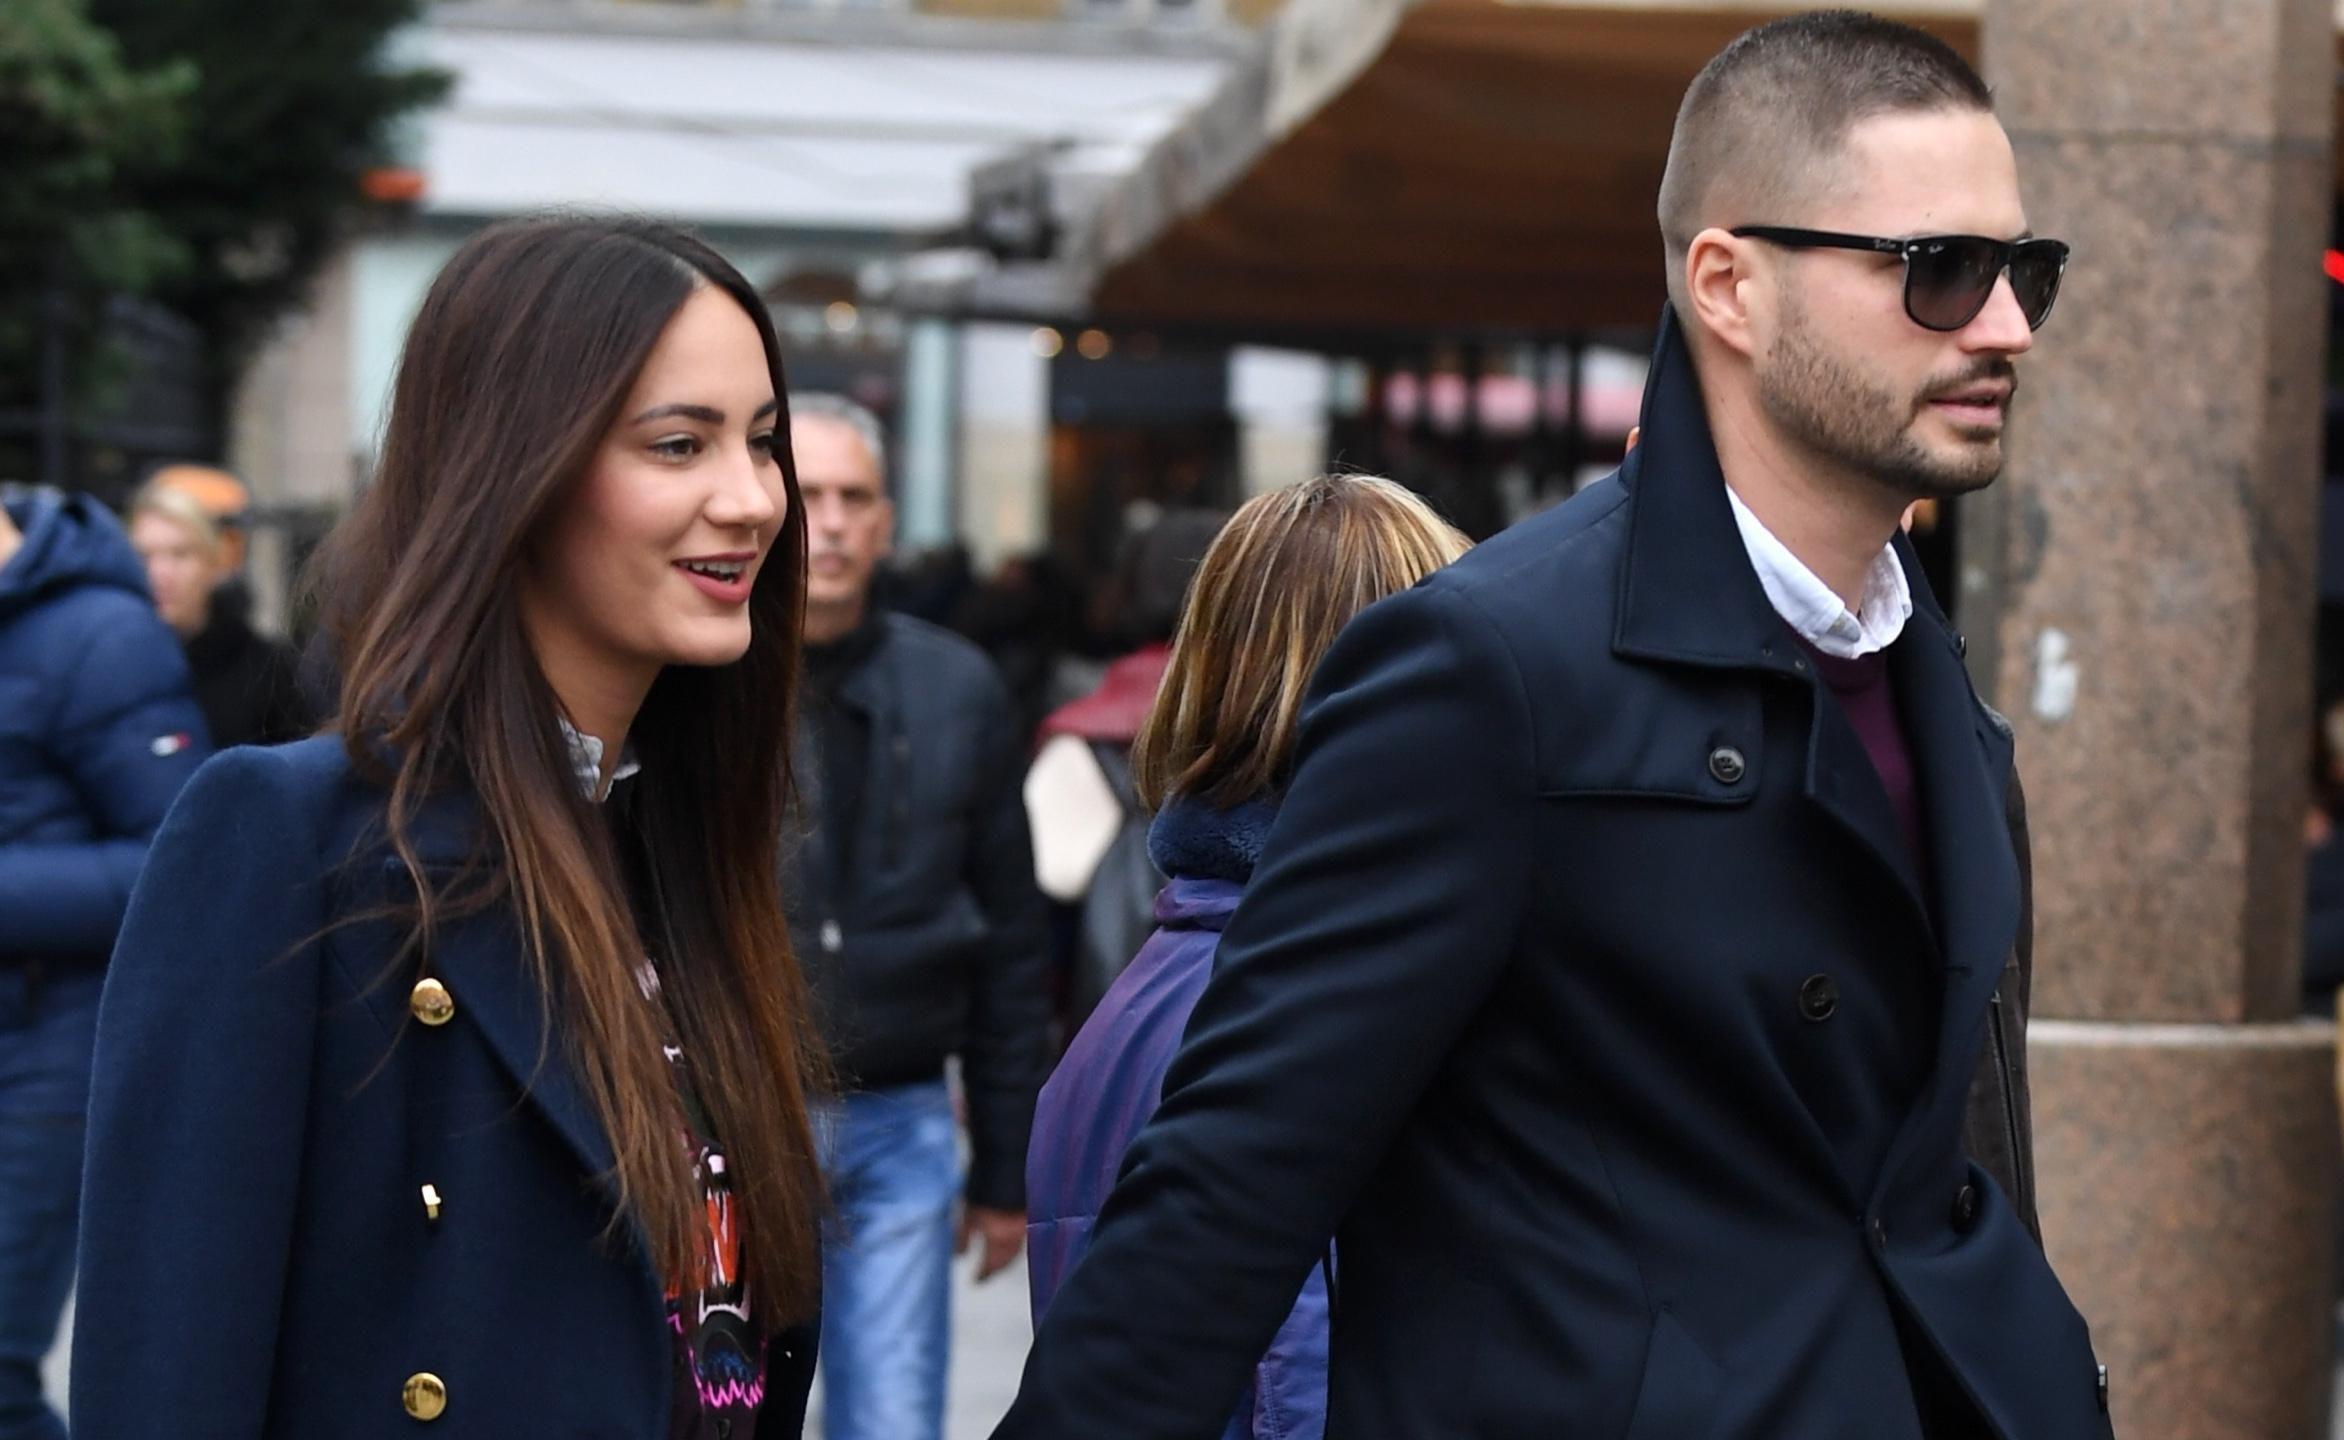 Prezgodan par na zagrebačkoj špici pokazao jako stylish kombinacije